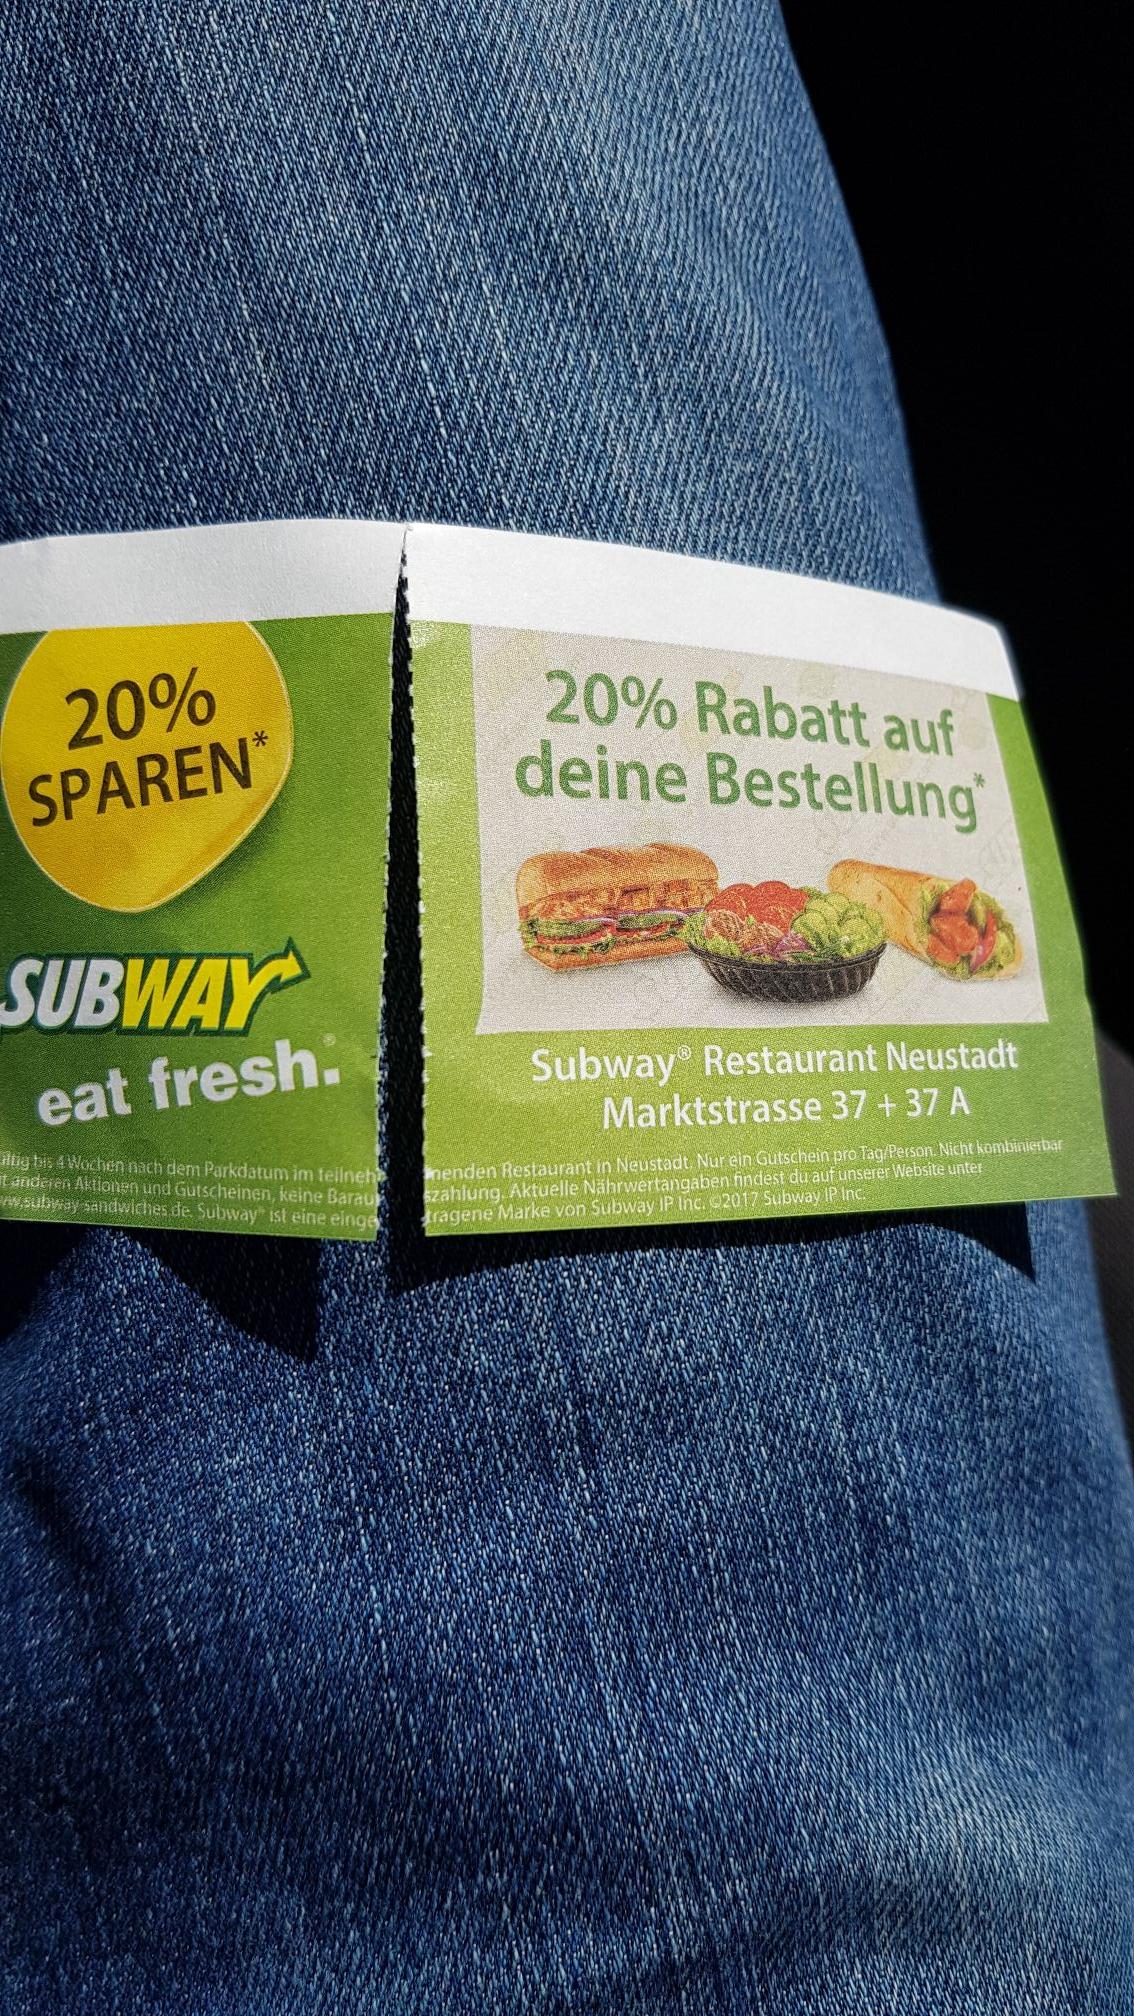 20% auf Subway Bestellung [Lokal 31535 Neustadt am Rübenberge]